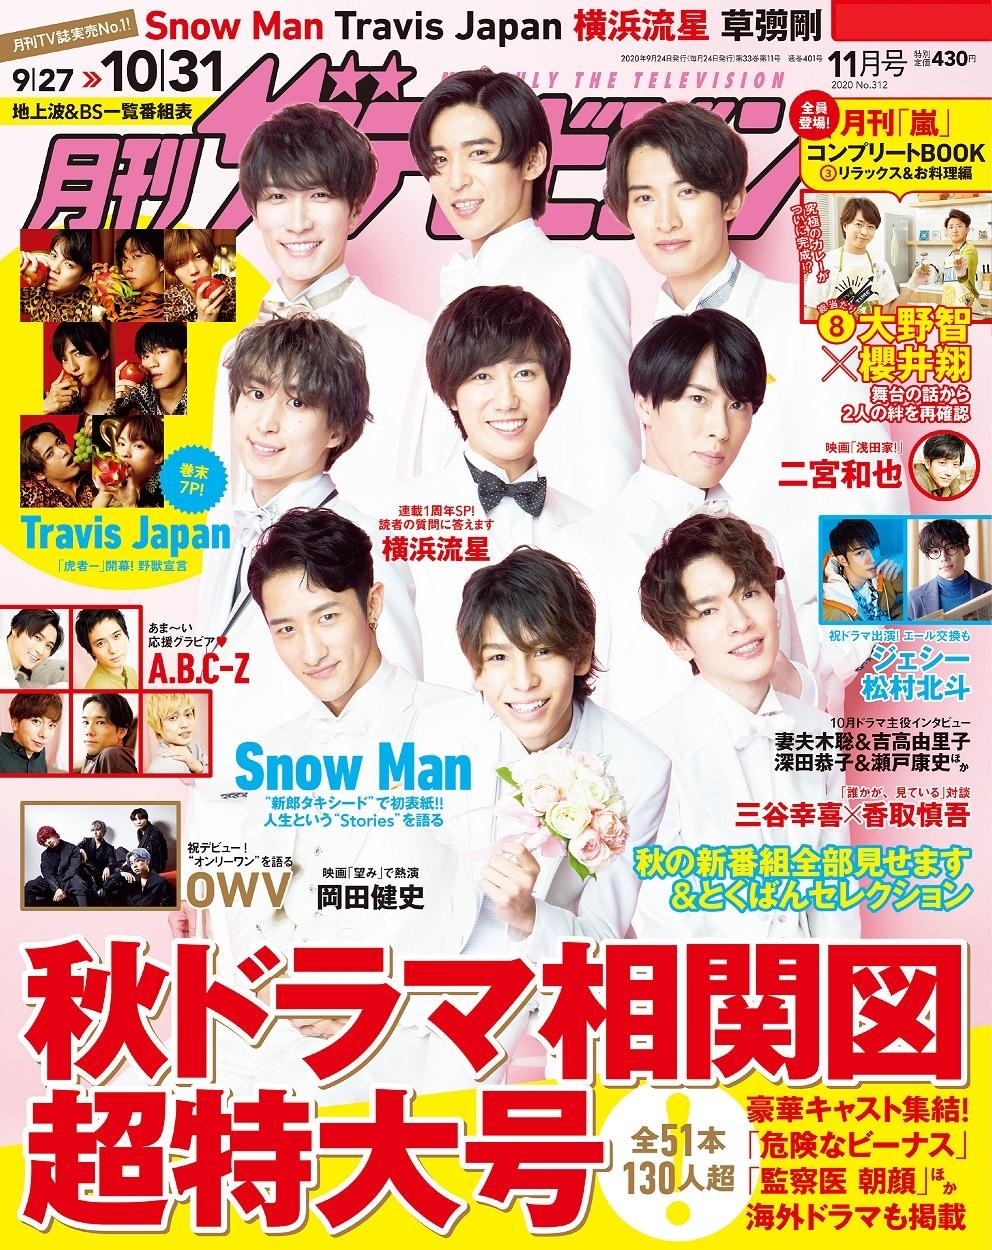 月刊ザテレビジョン 福岡・佐賀版 2020年11月号